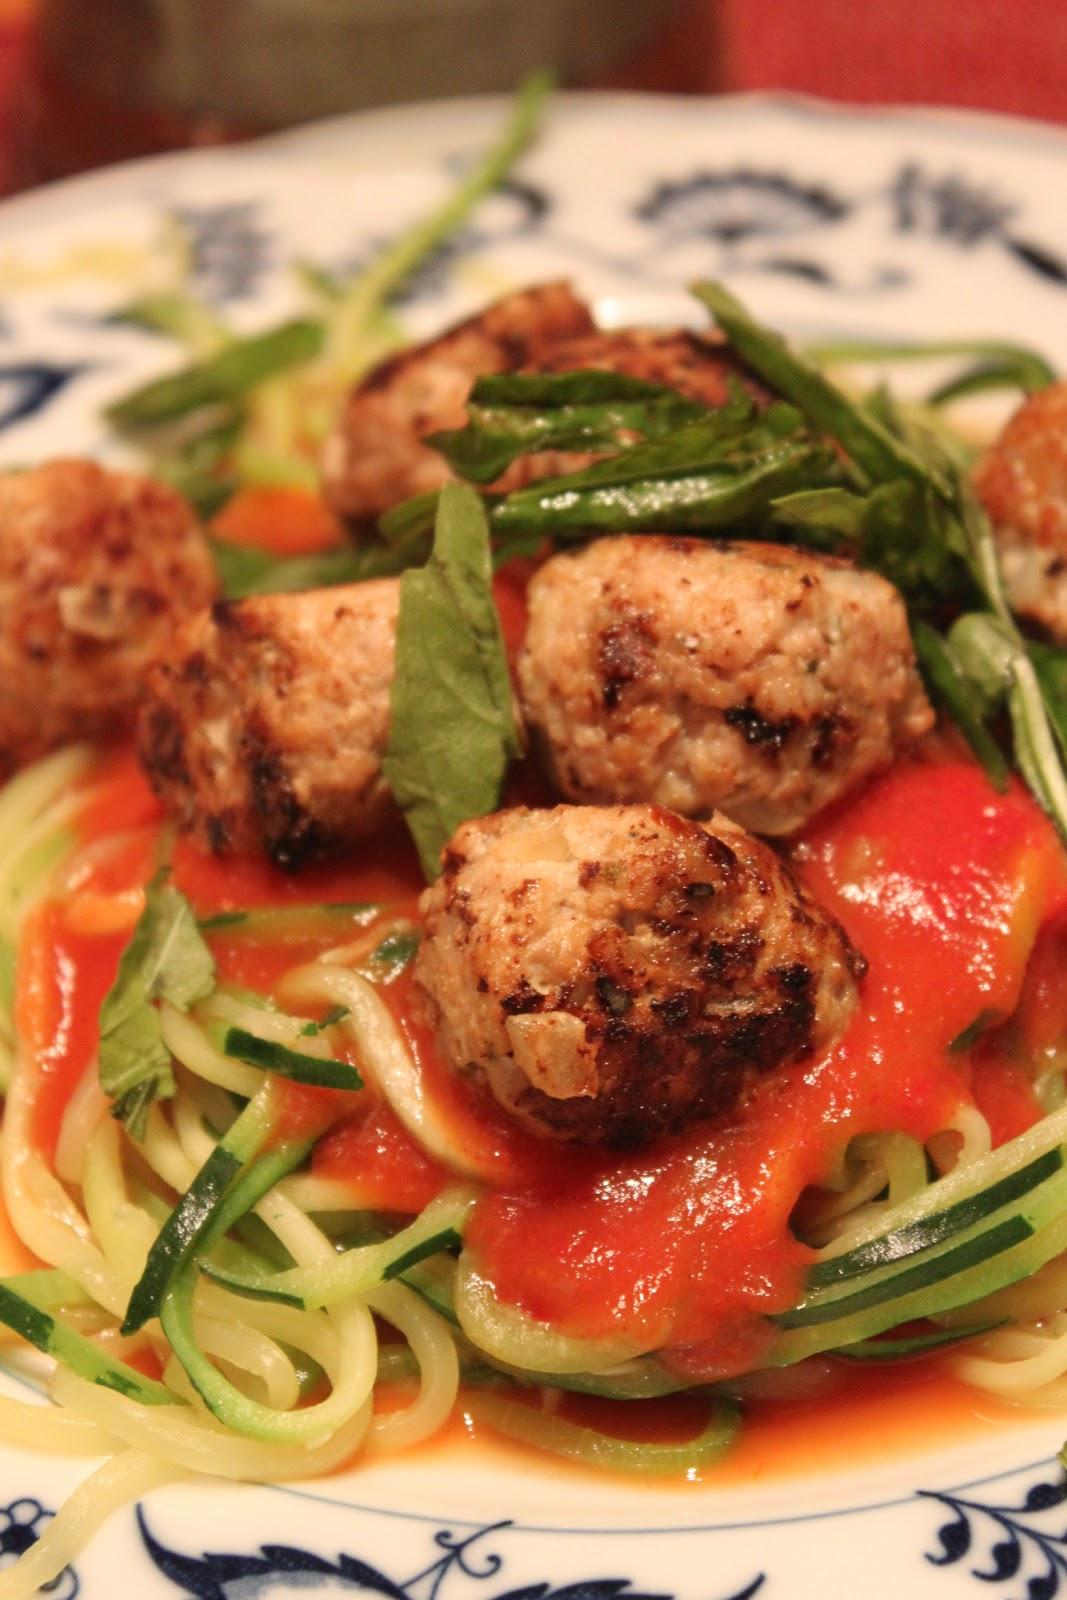 Zucchini spaghetti and sundried tomato turkey meatballs for Zucchini noodles and meatballs recipe